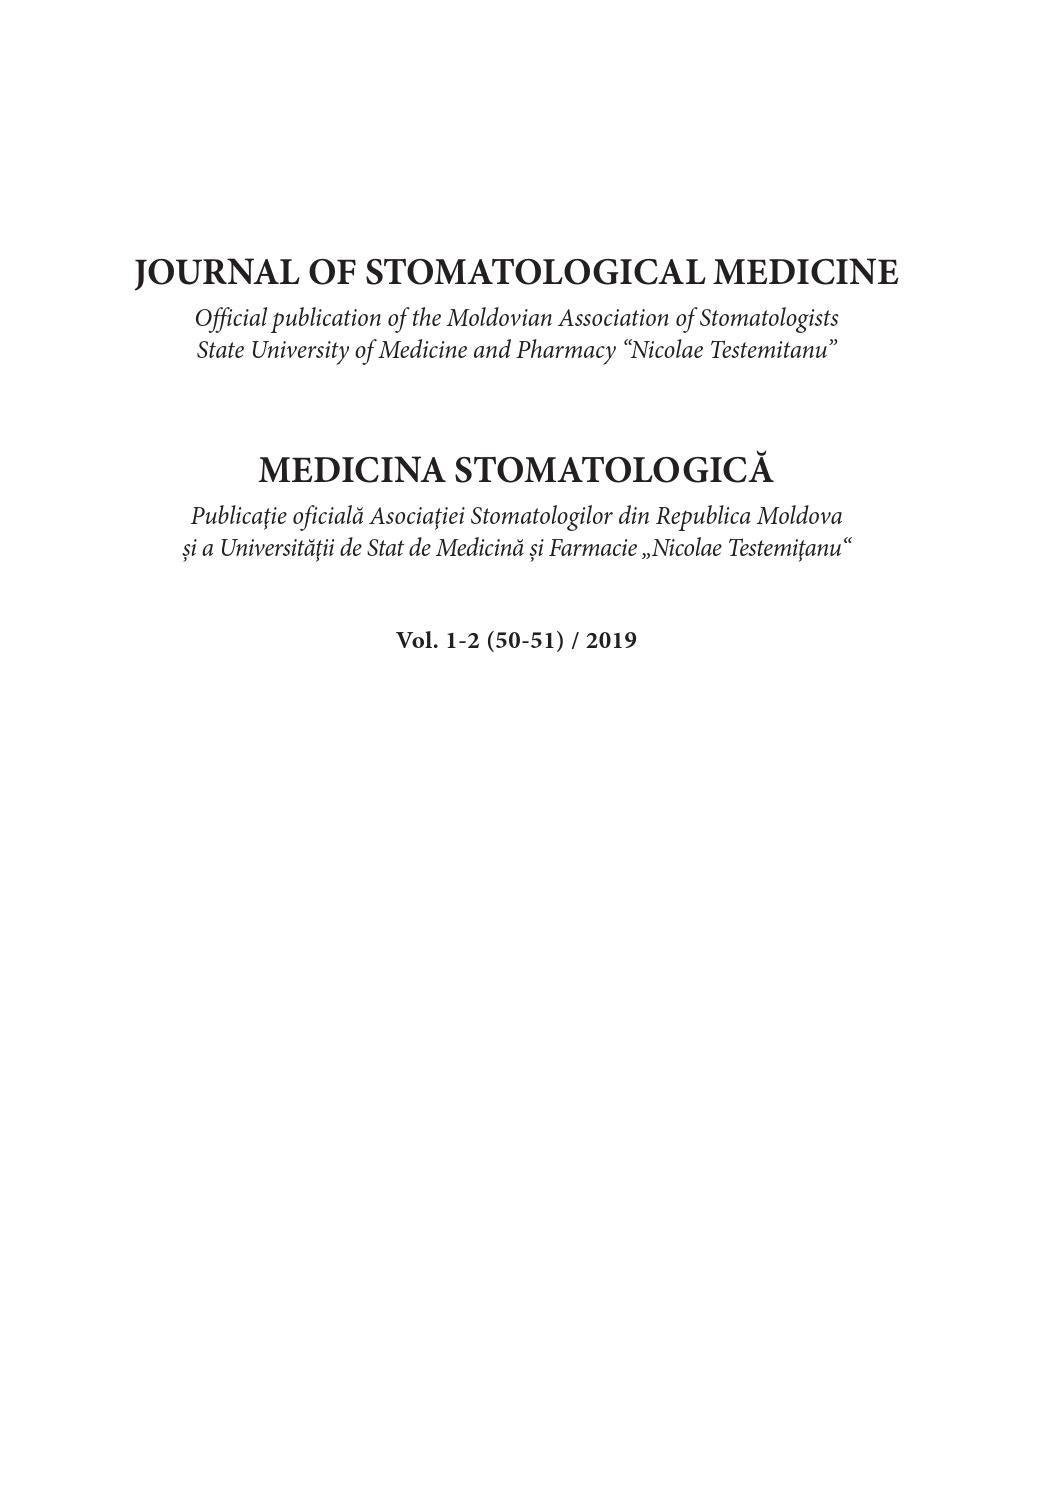 preparate împotriva anodilor sau protozoarelor)